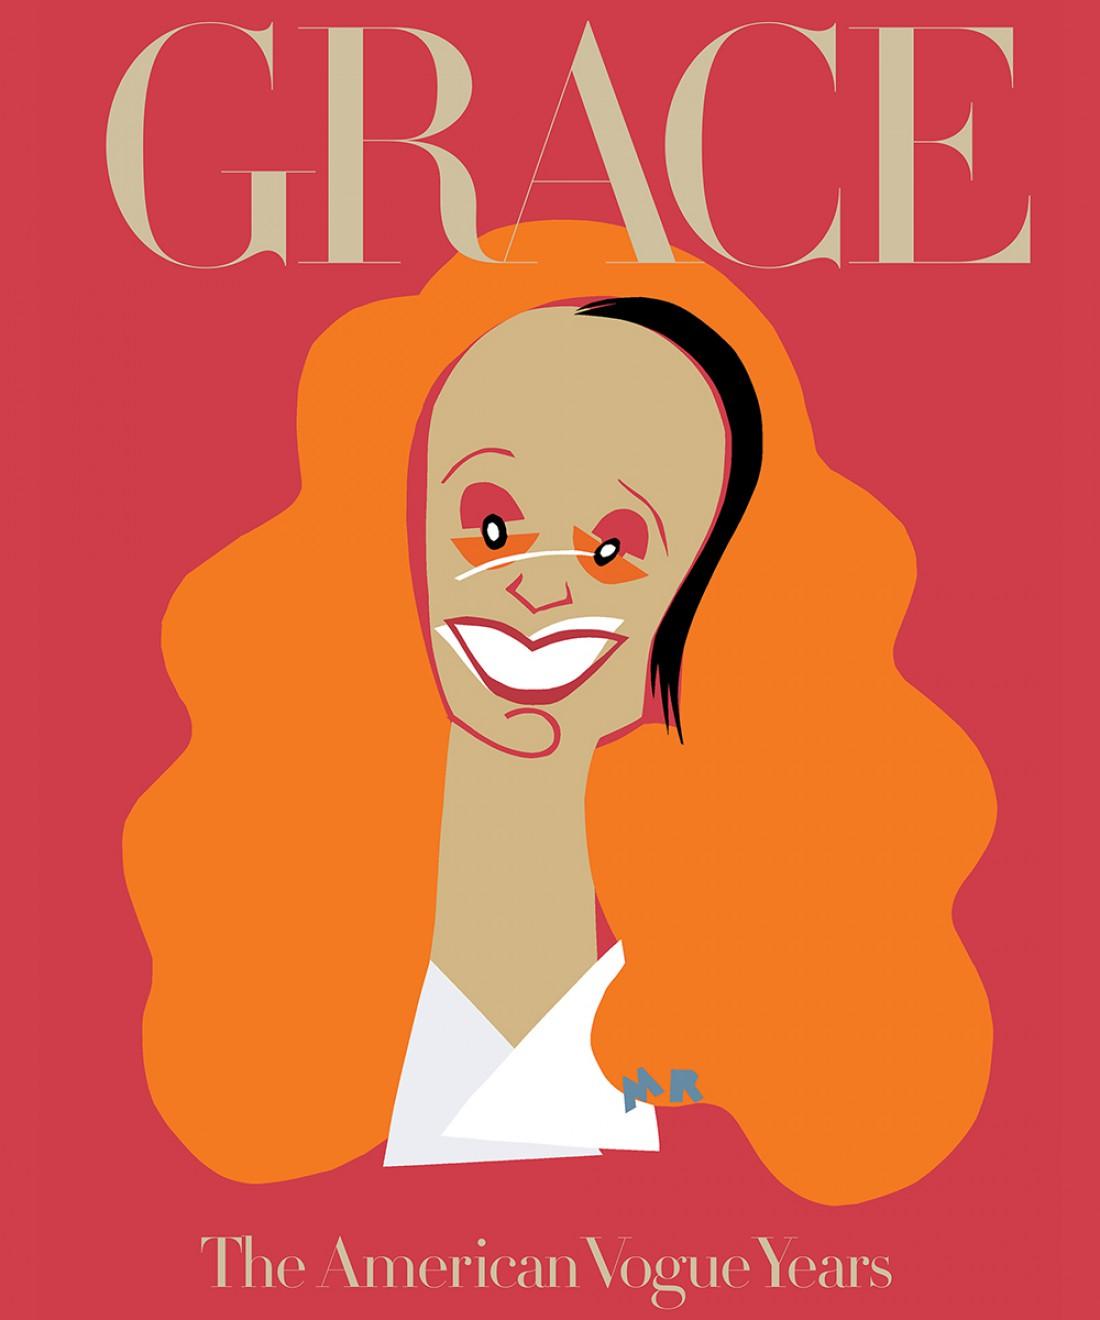 Грейс: тридцать лет моды в Vogue, Грейс Коддингтон